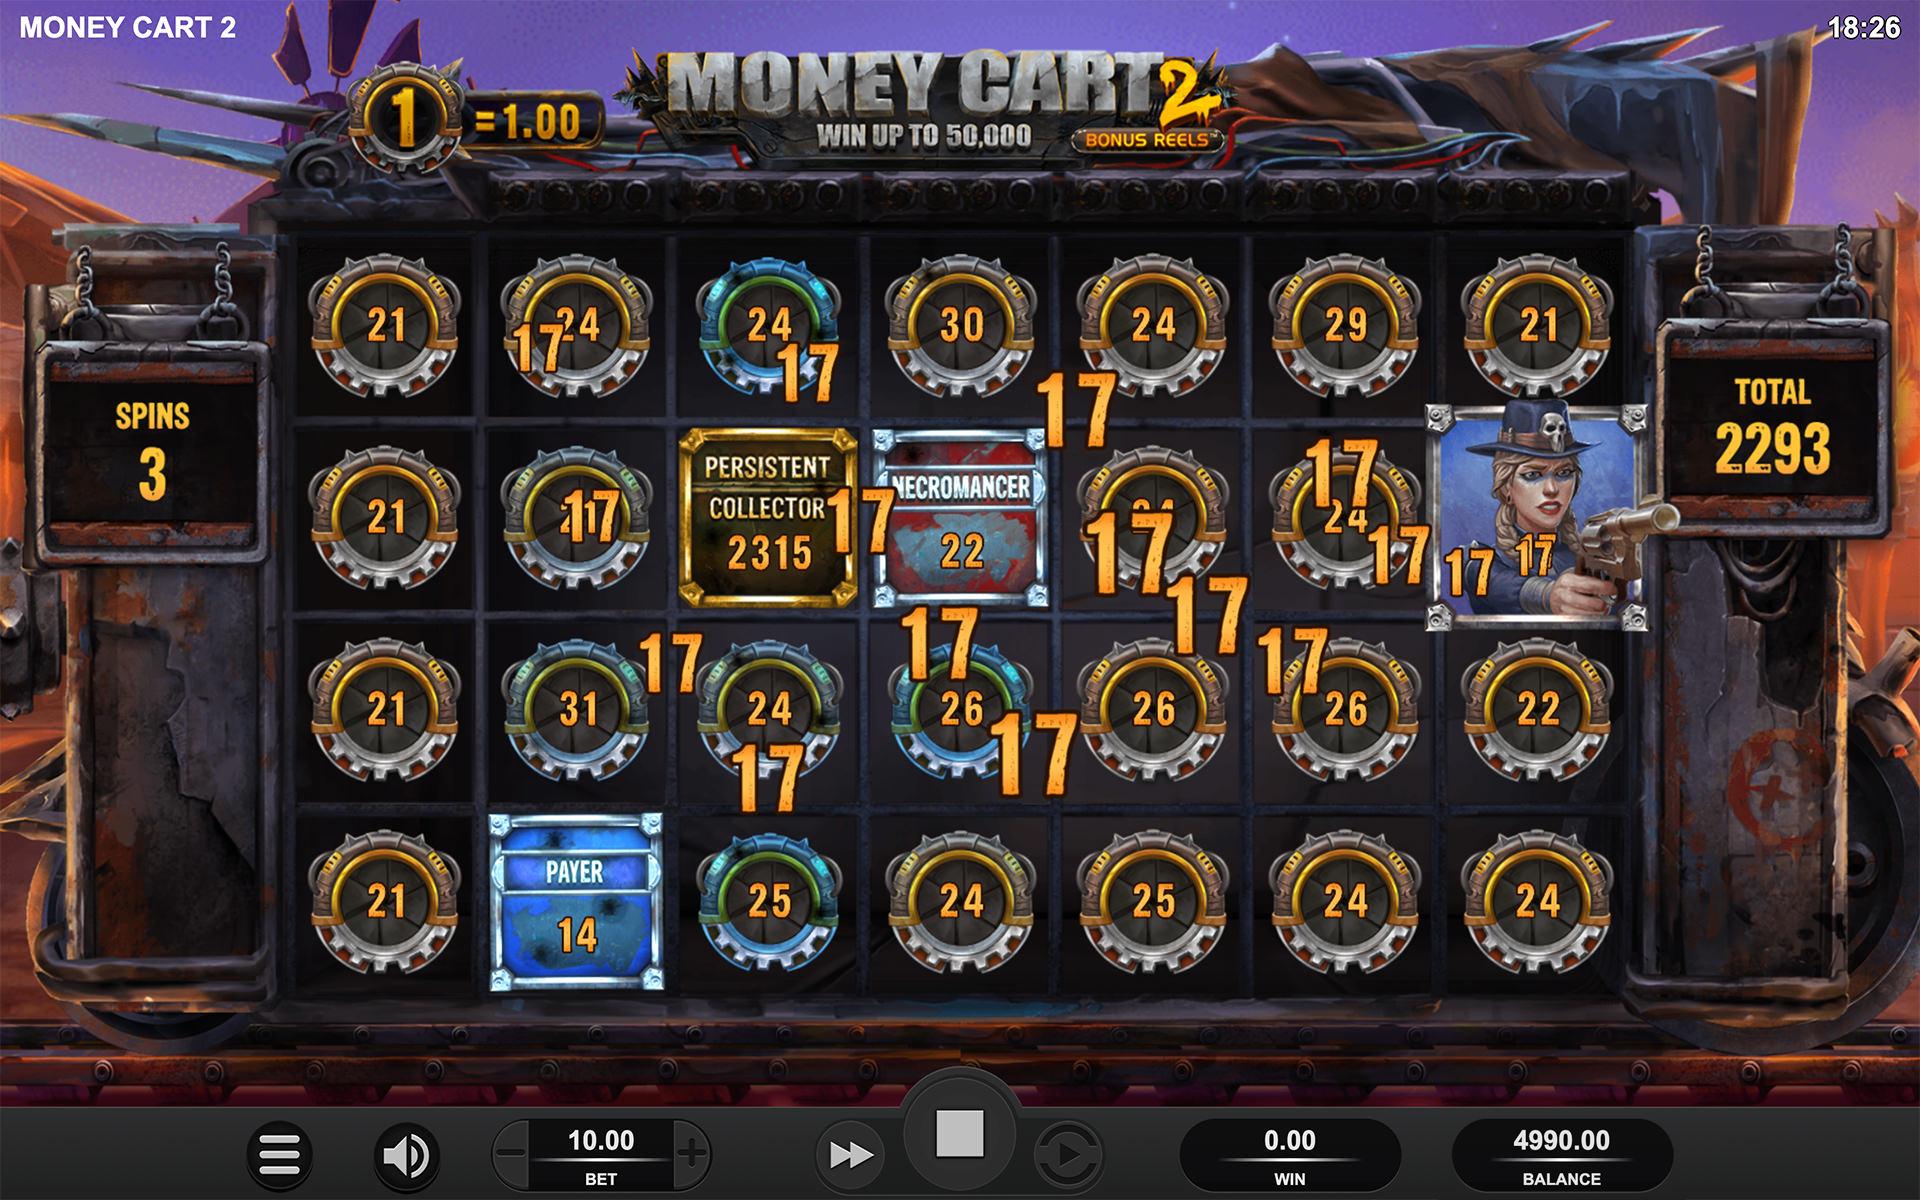 Money Cart 2 Screenshot